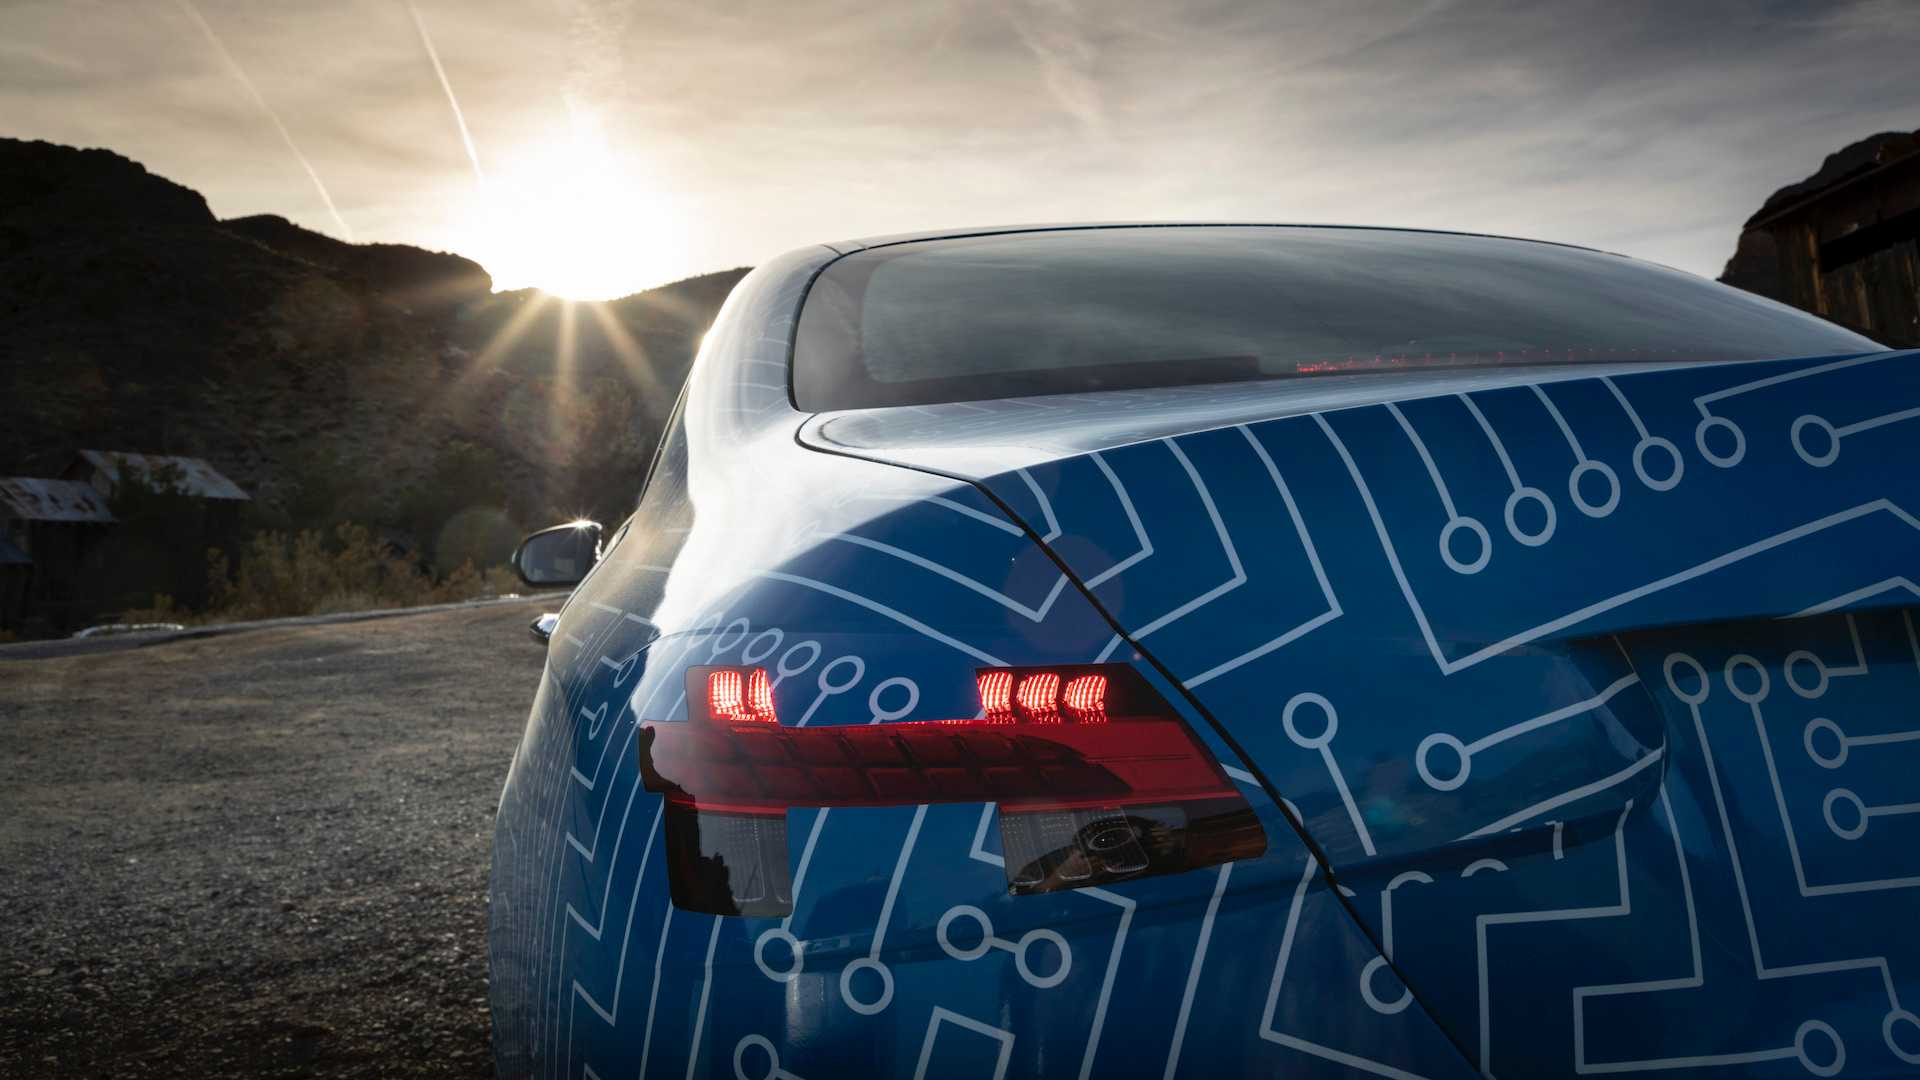 Hé lộ hình ảnh Mercedes-Benz E-Class facelift, thiết kế và động cơ mới - 10